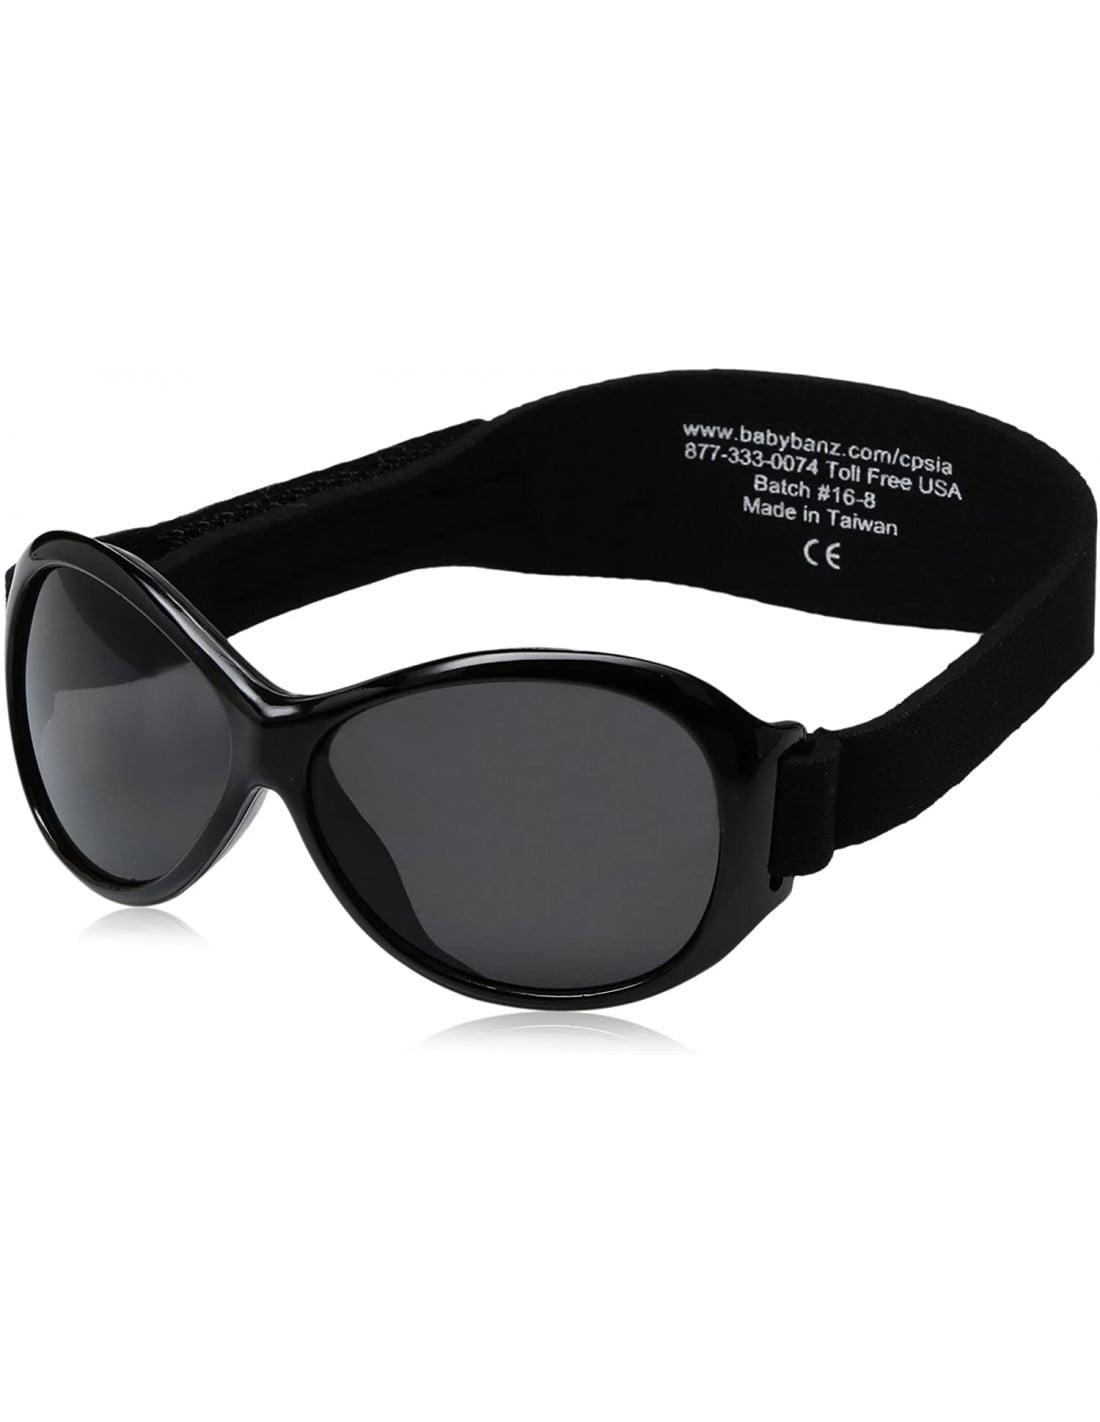 Ochelari de soare Bebe 2-5 ani Retro Oval Black Banz 2